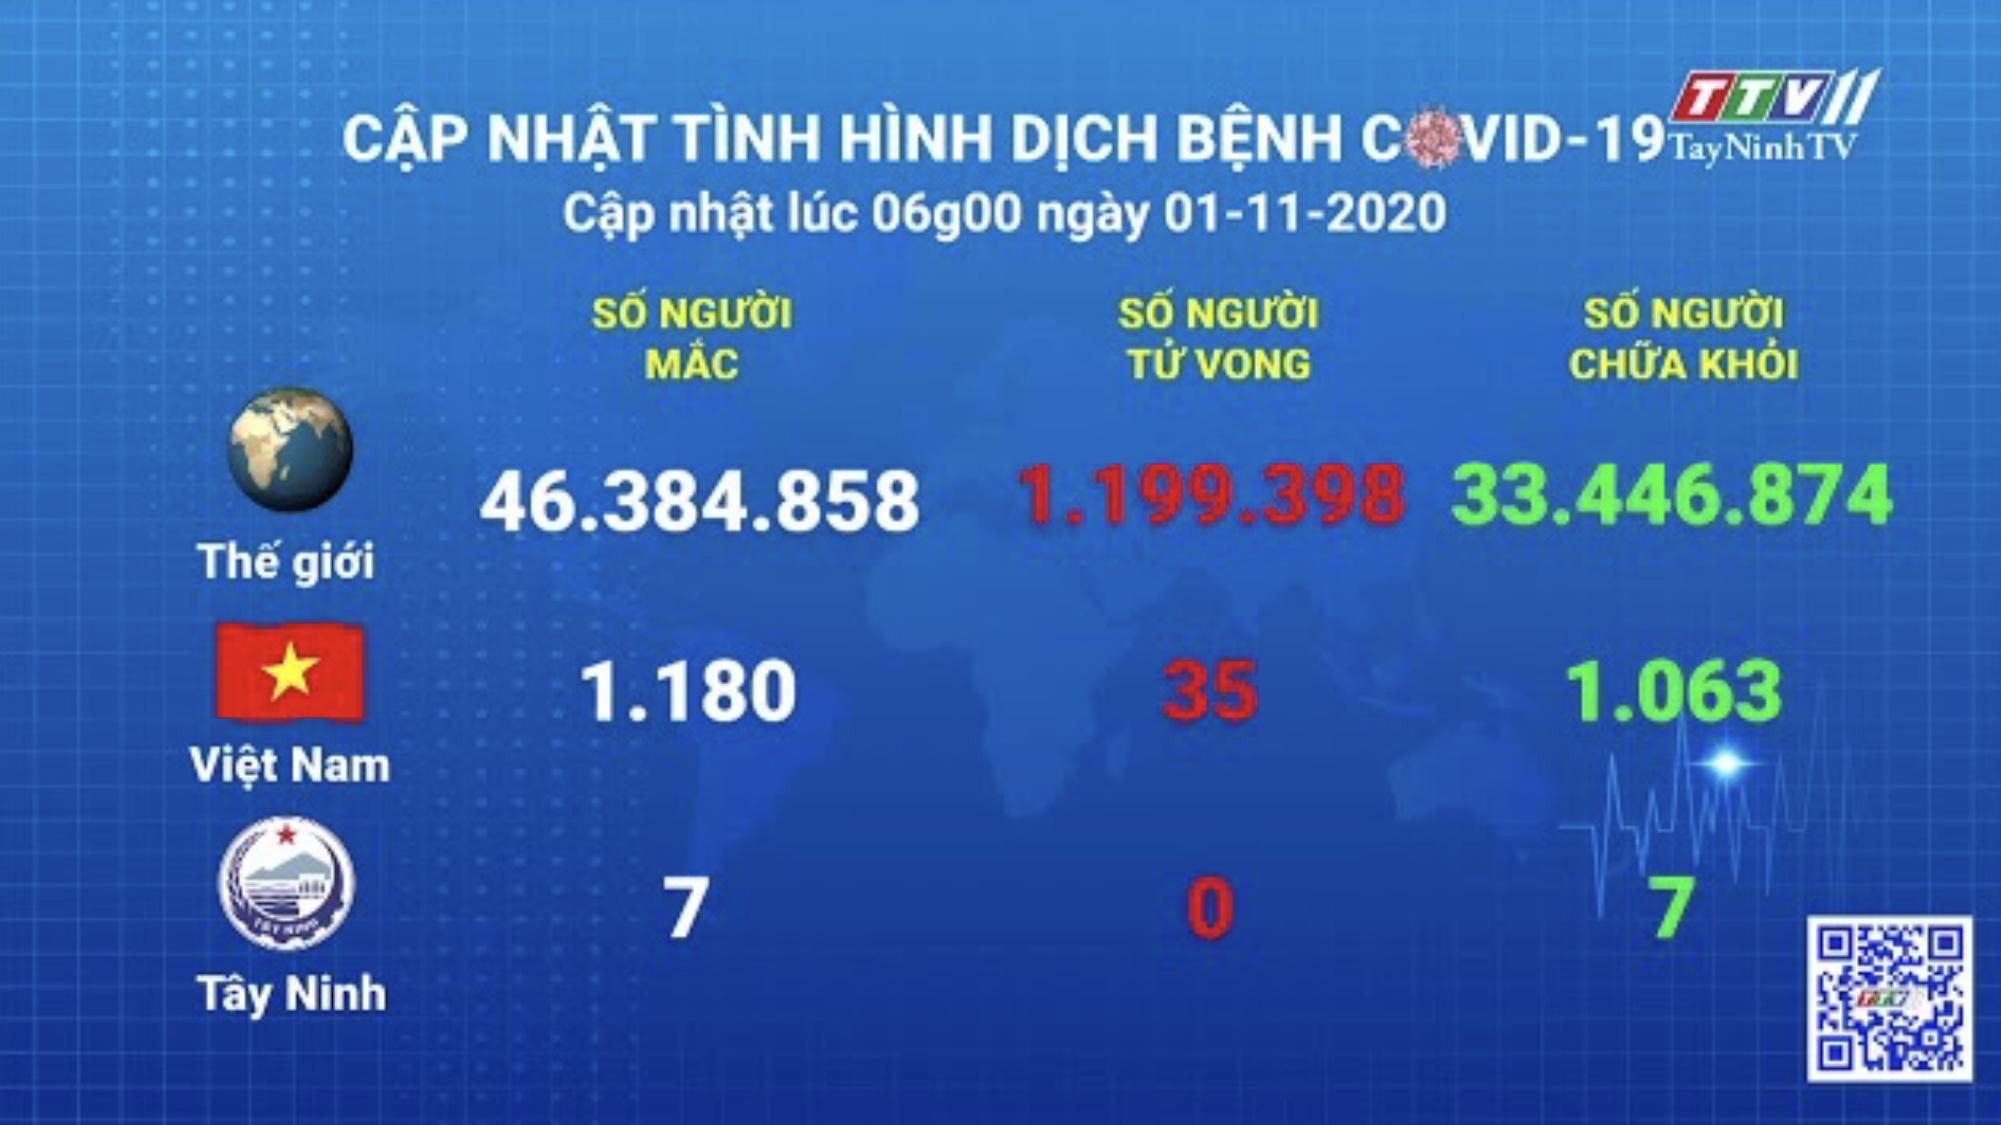 Cập nhật tình hình Covid-19 vào lúc 06 giờ 01-11-2020   Thông tin dịch Covid-19   TayNinhTV